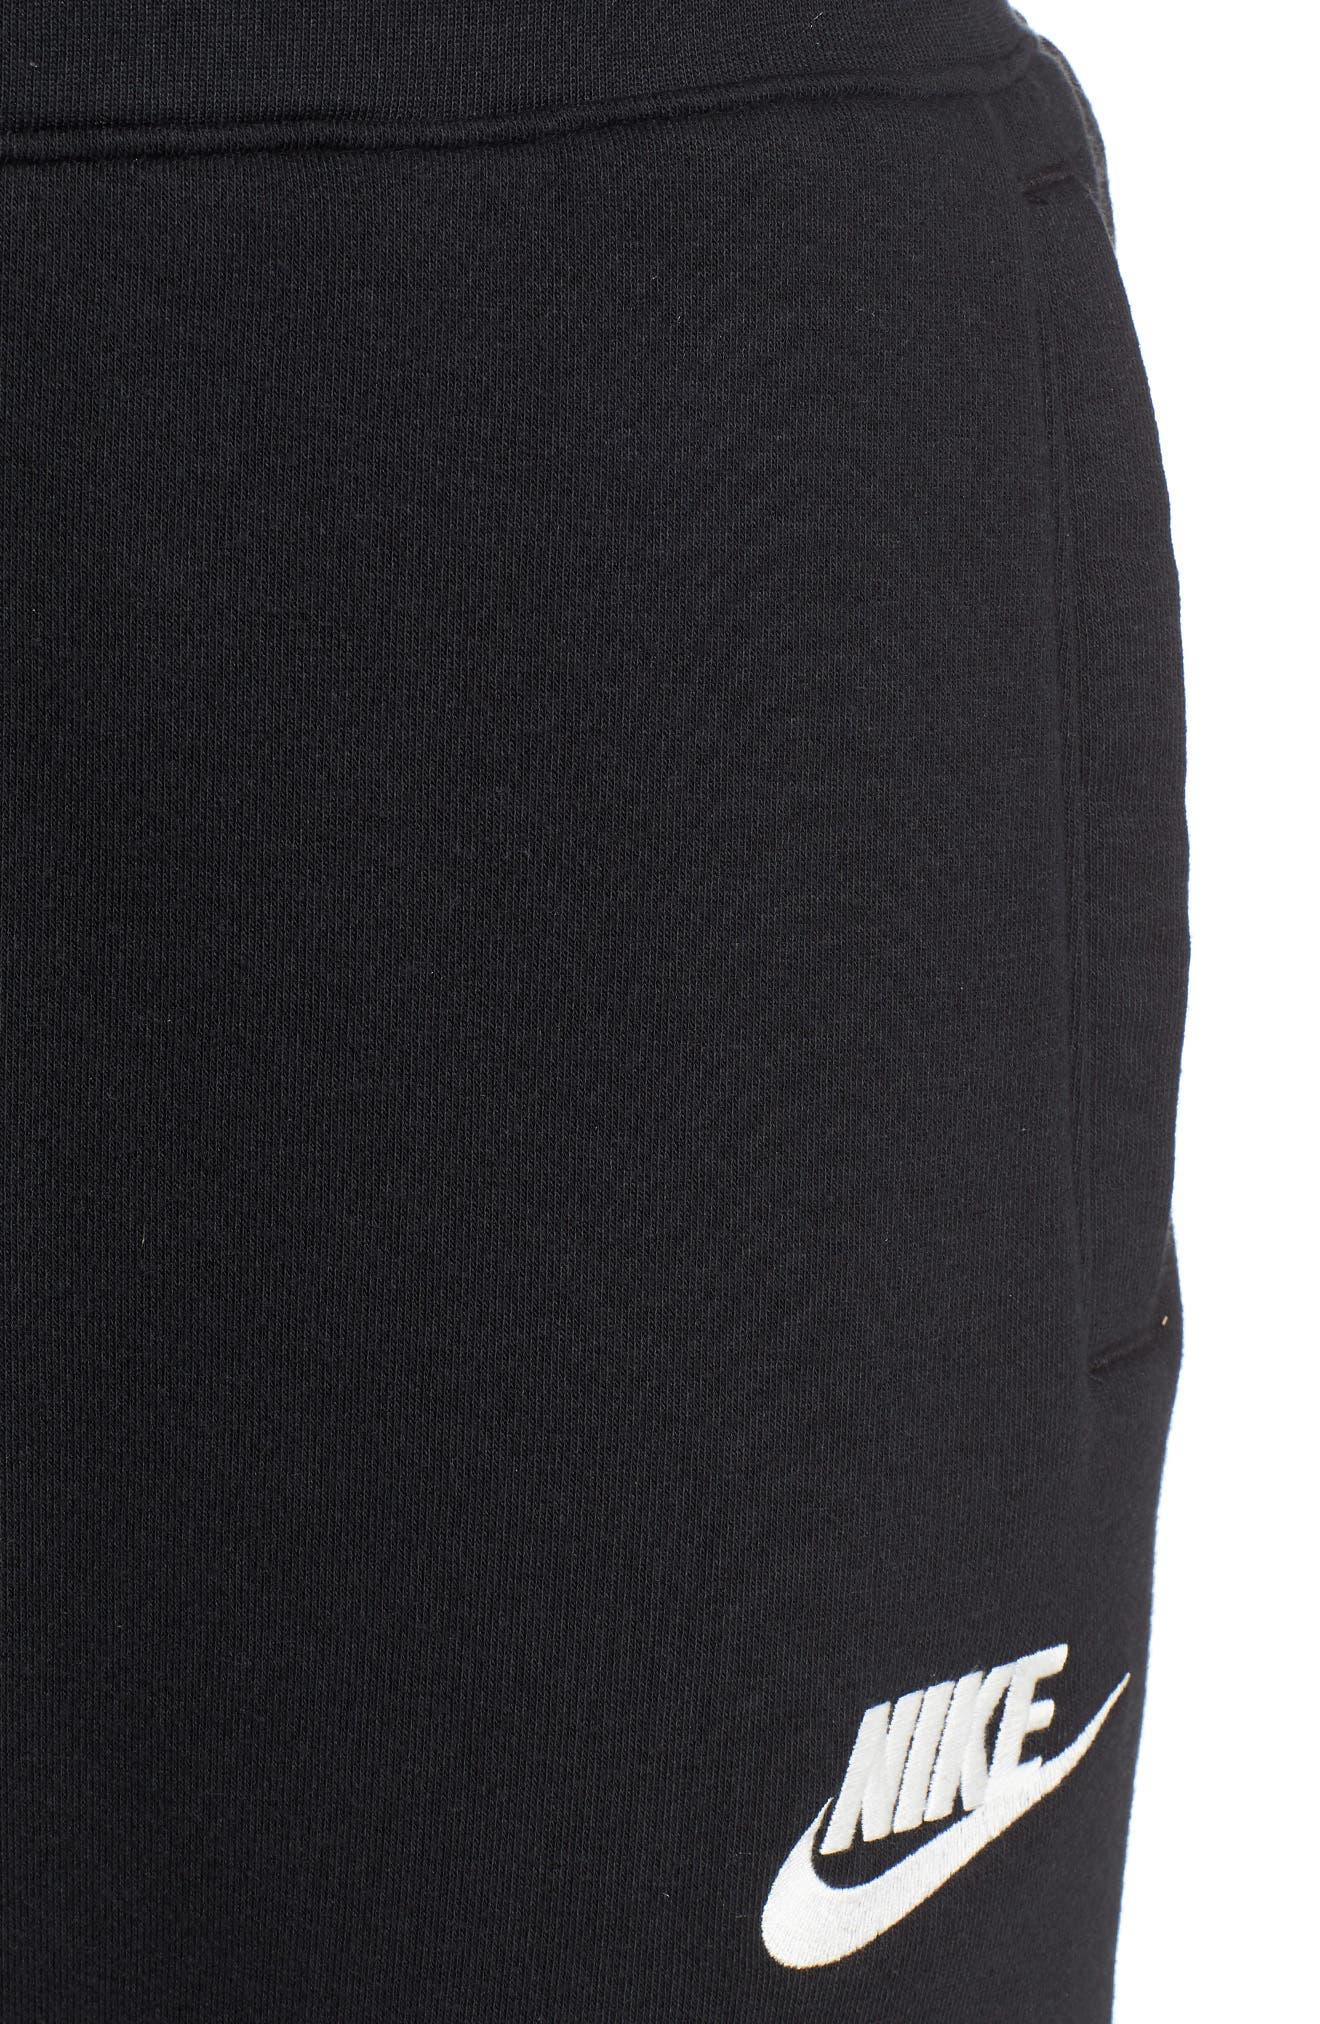 Heritage Jogger Pants,                             Alternate thumbnail 4, color,                             BLACK/ SAIL